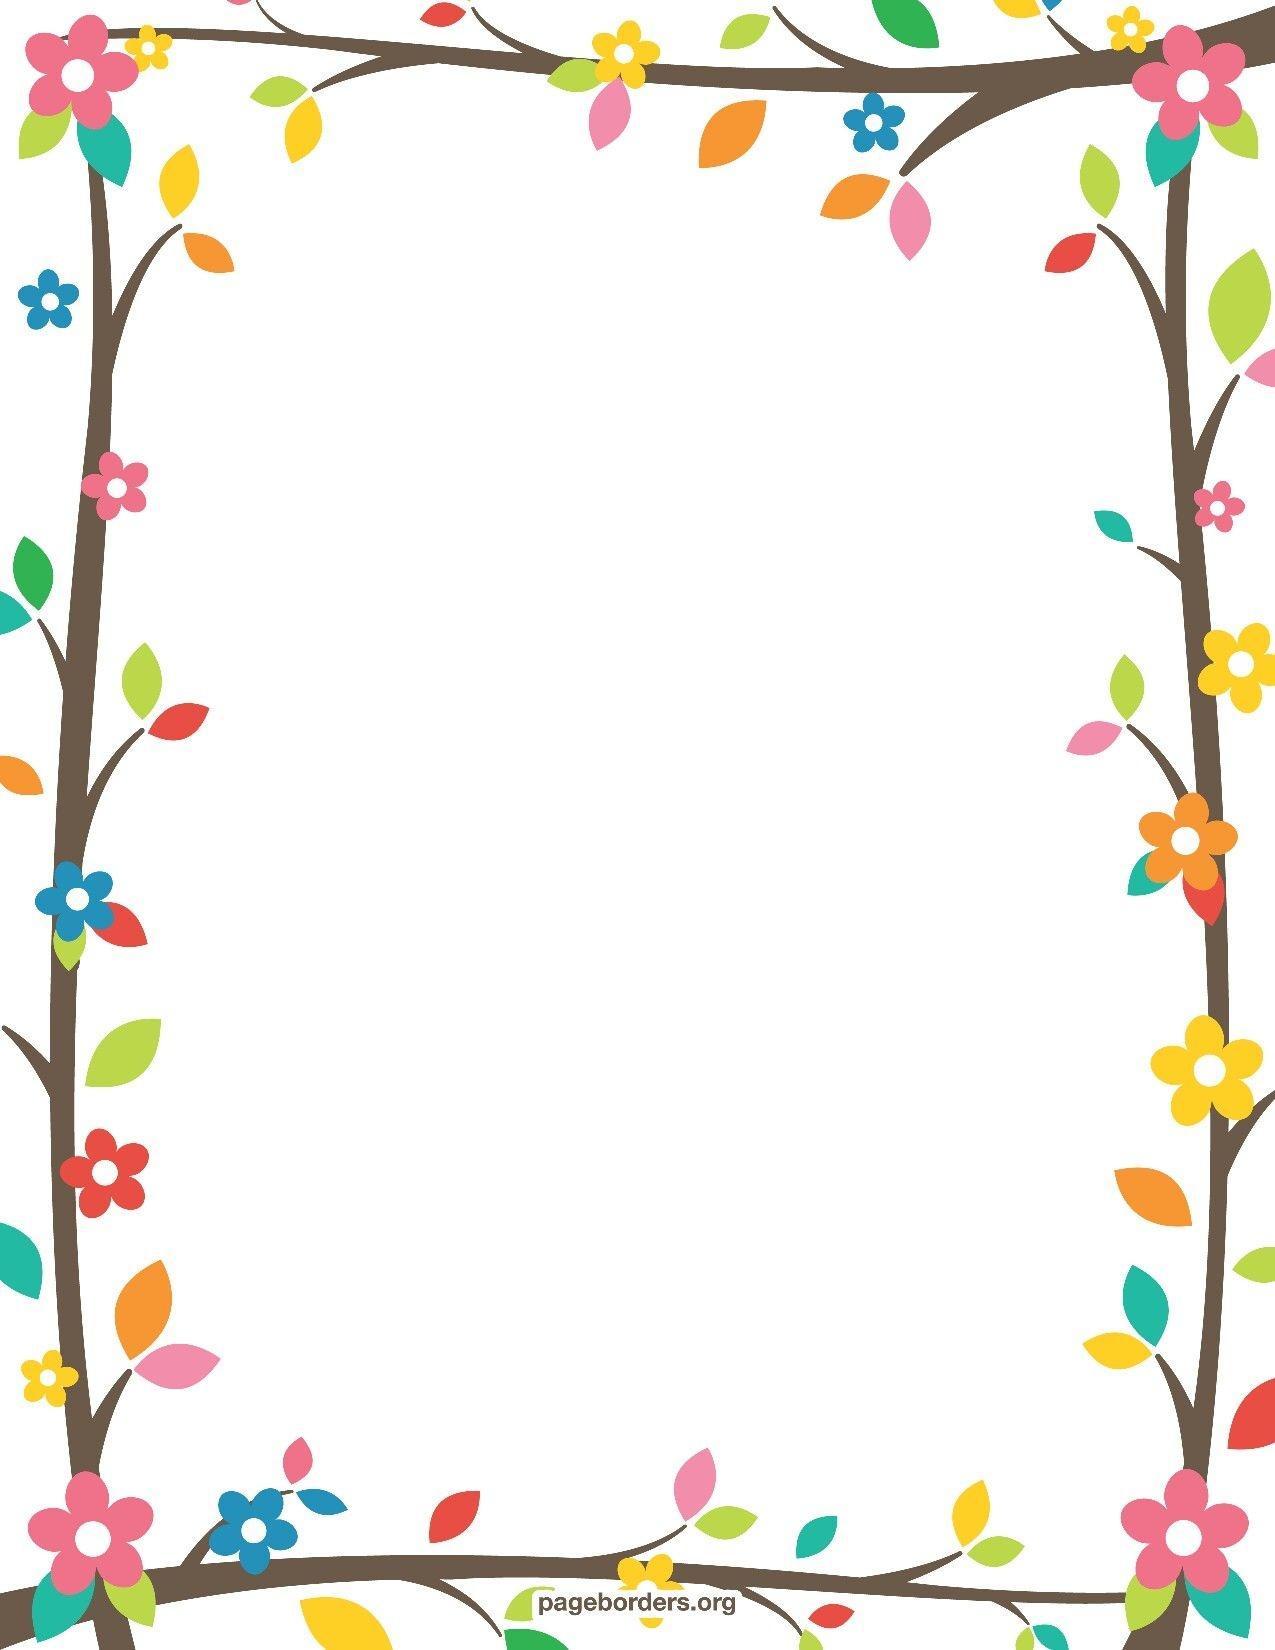 Resultado De Imagen Para Free Printable Border Designs For Paper - Free Printable Borders For Cards